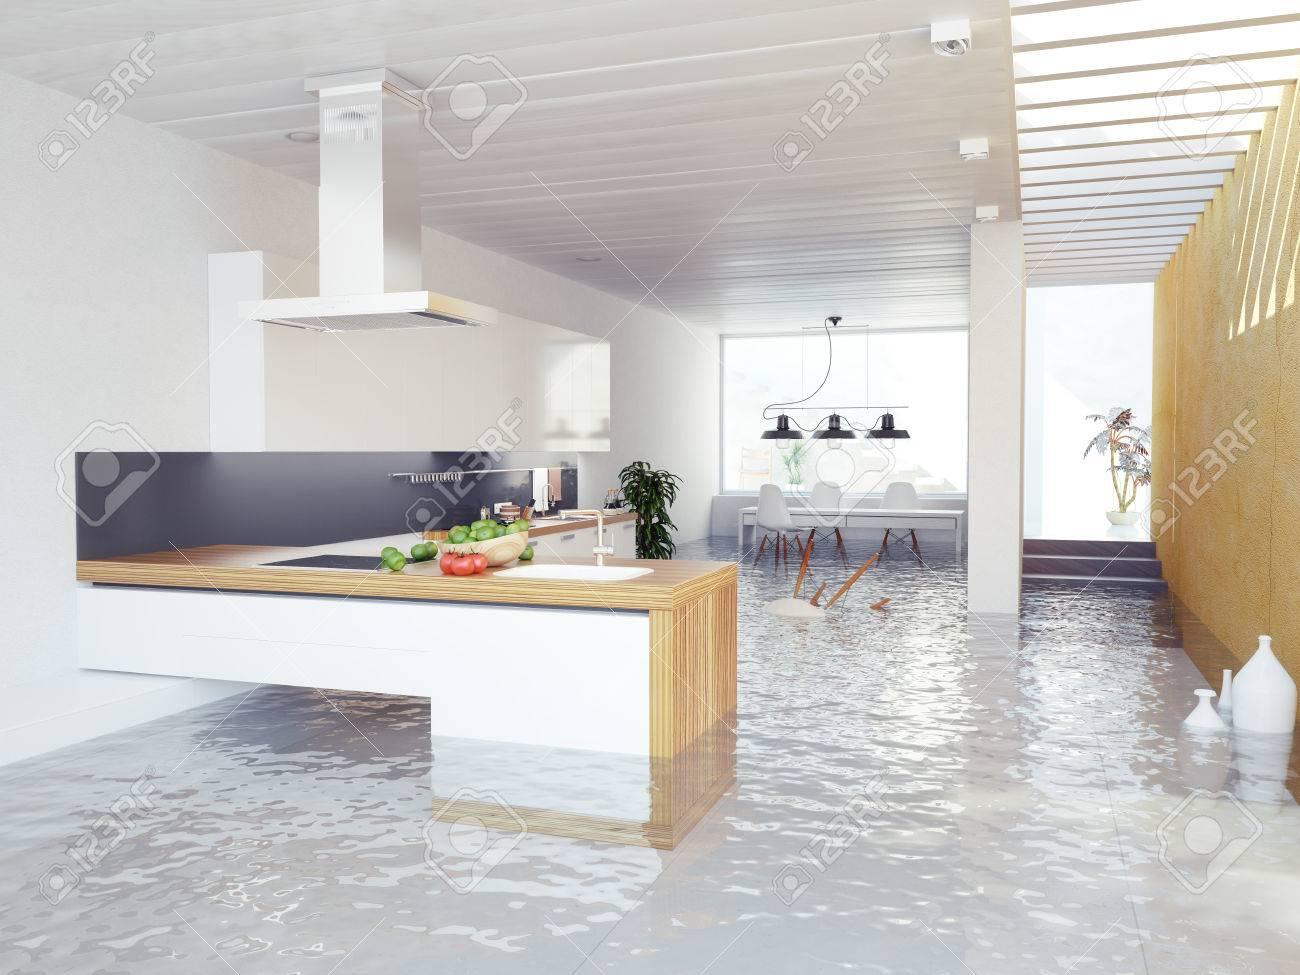 Berschwemmungen Moderne Küche Interieur (3D-Konzept) Lizenzfreie ...